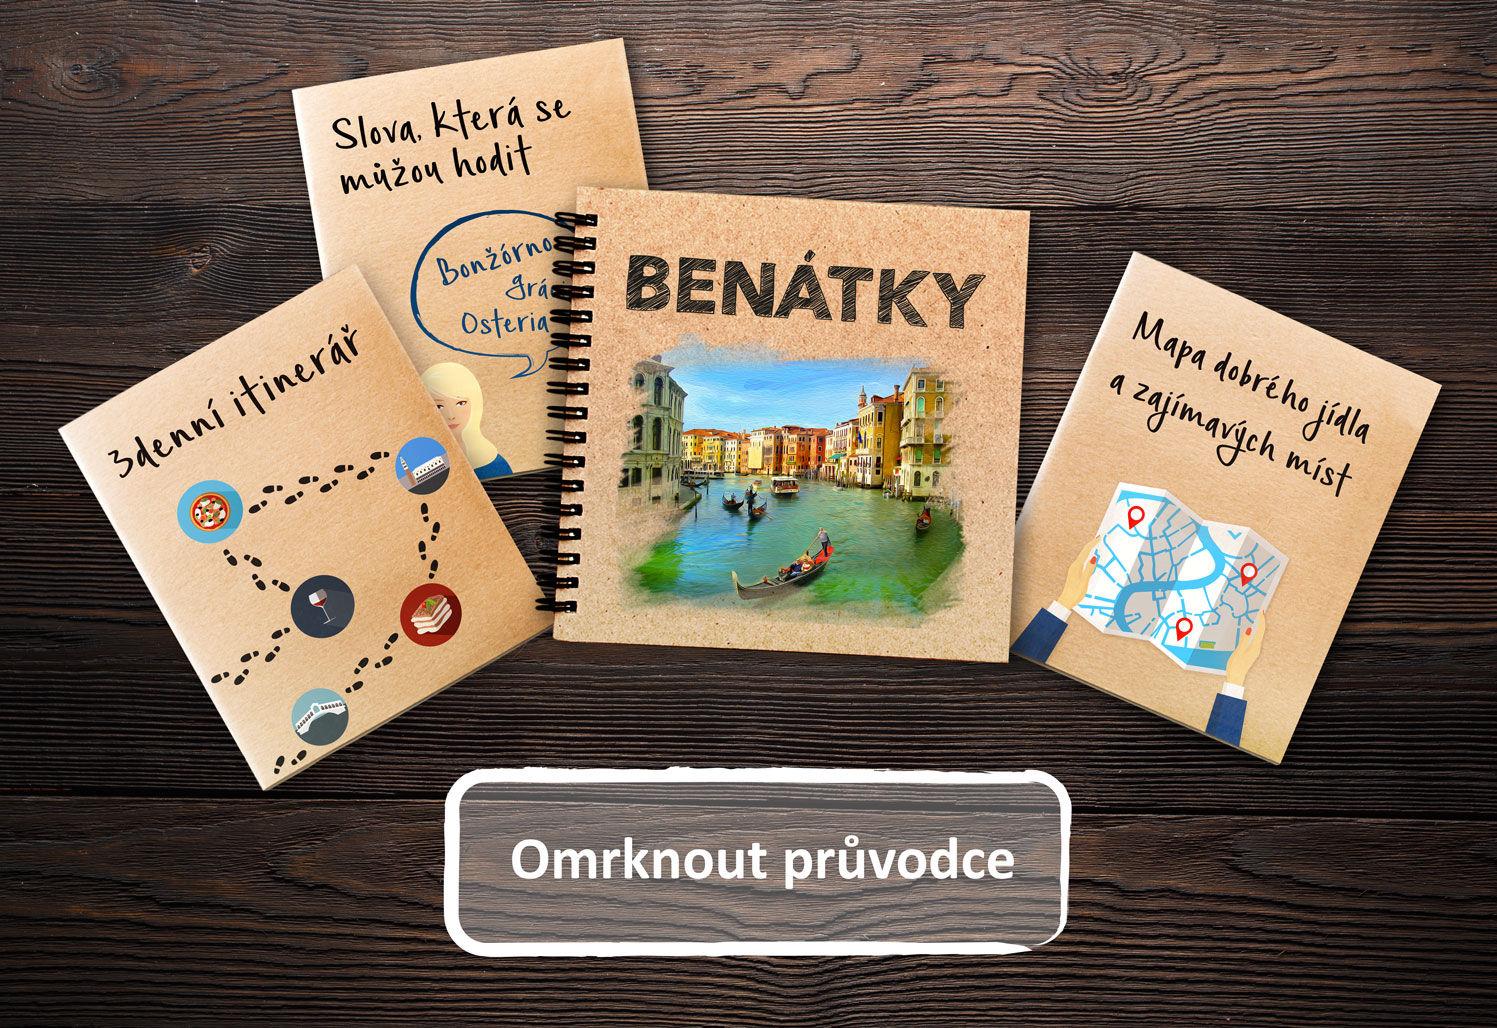 Benátky památky, zajímavá místa v Benátkách, doprava v Benátkách, koupání v Benátkách, autem do Benátek